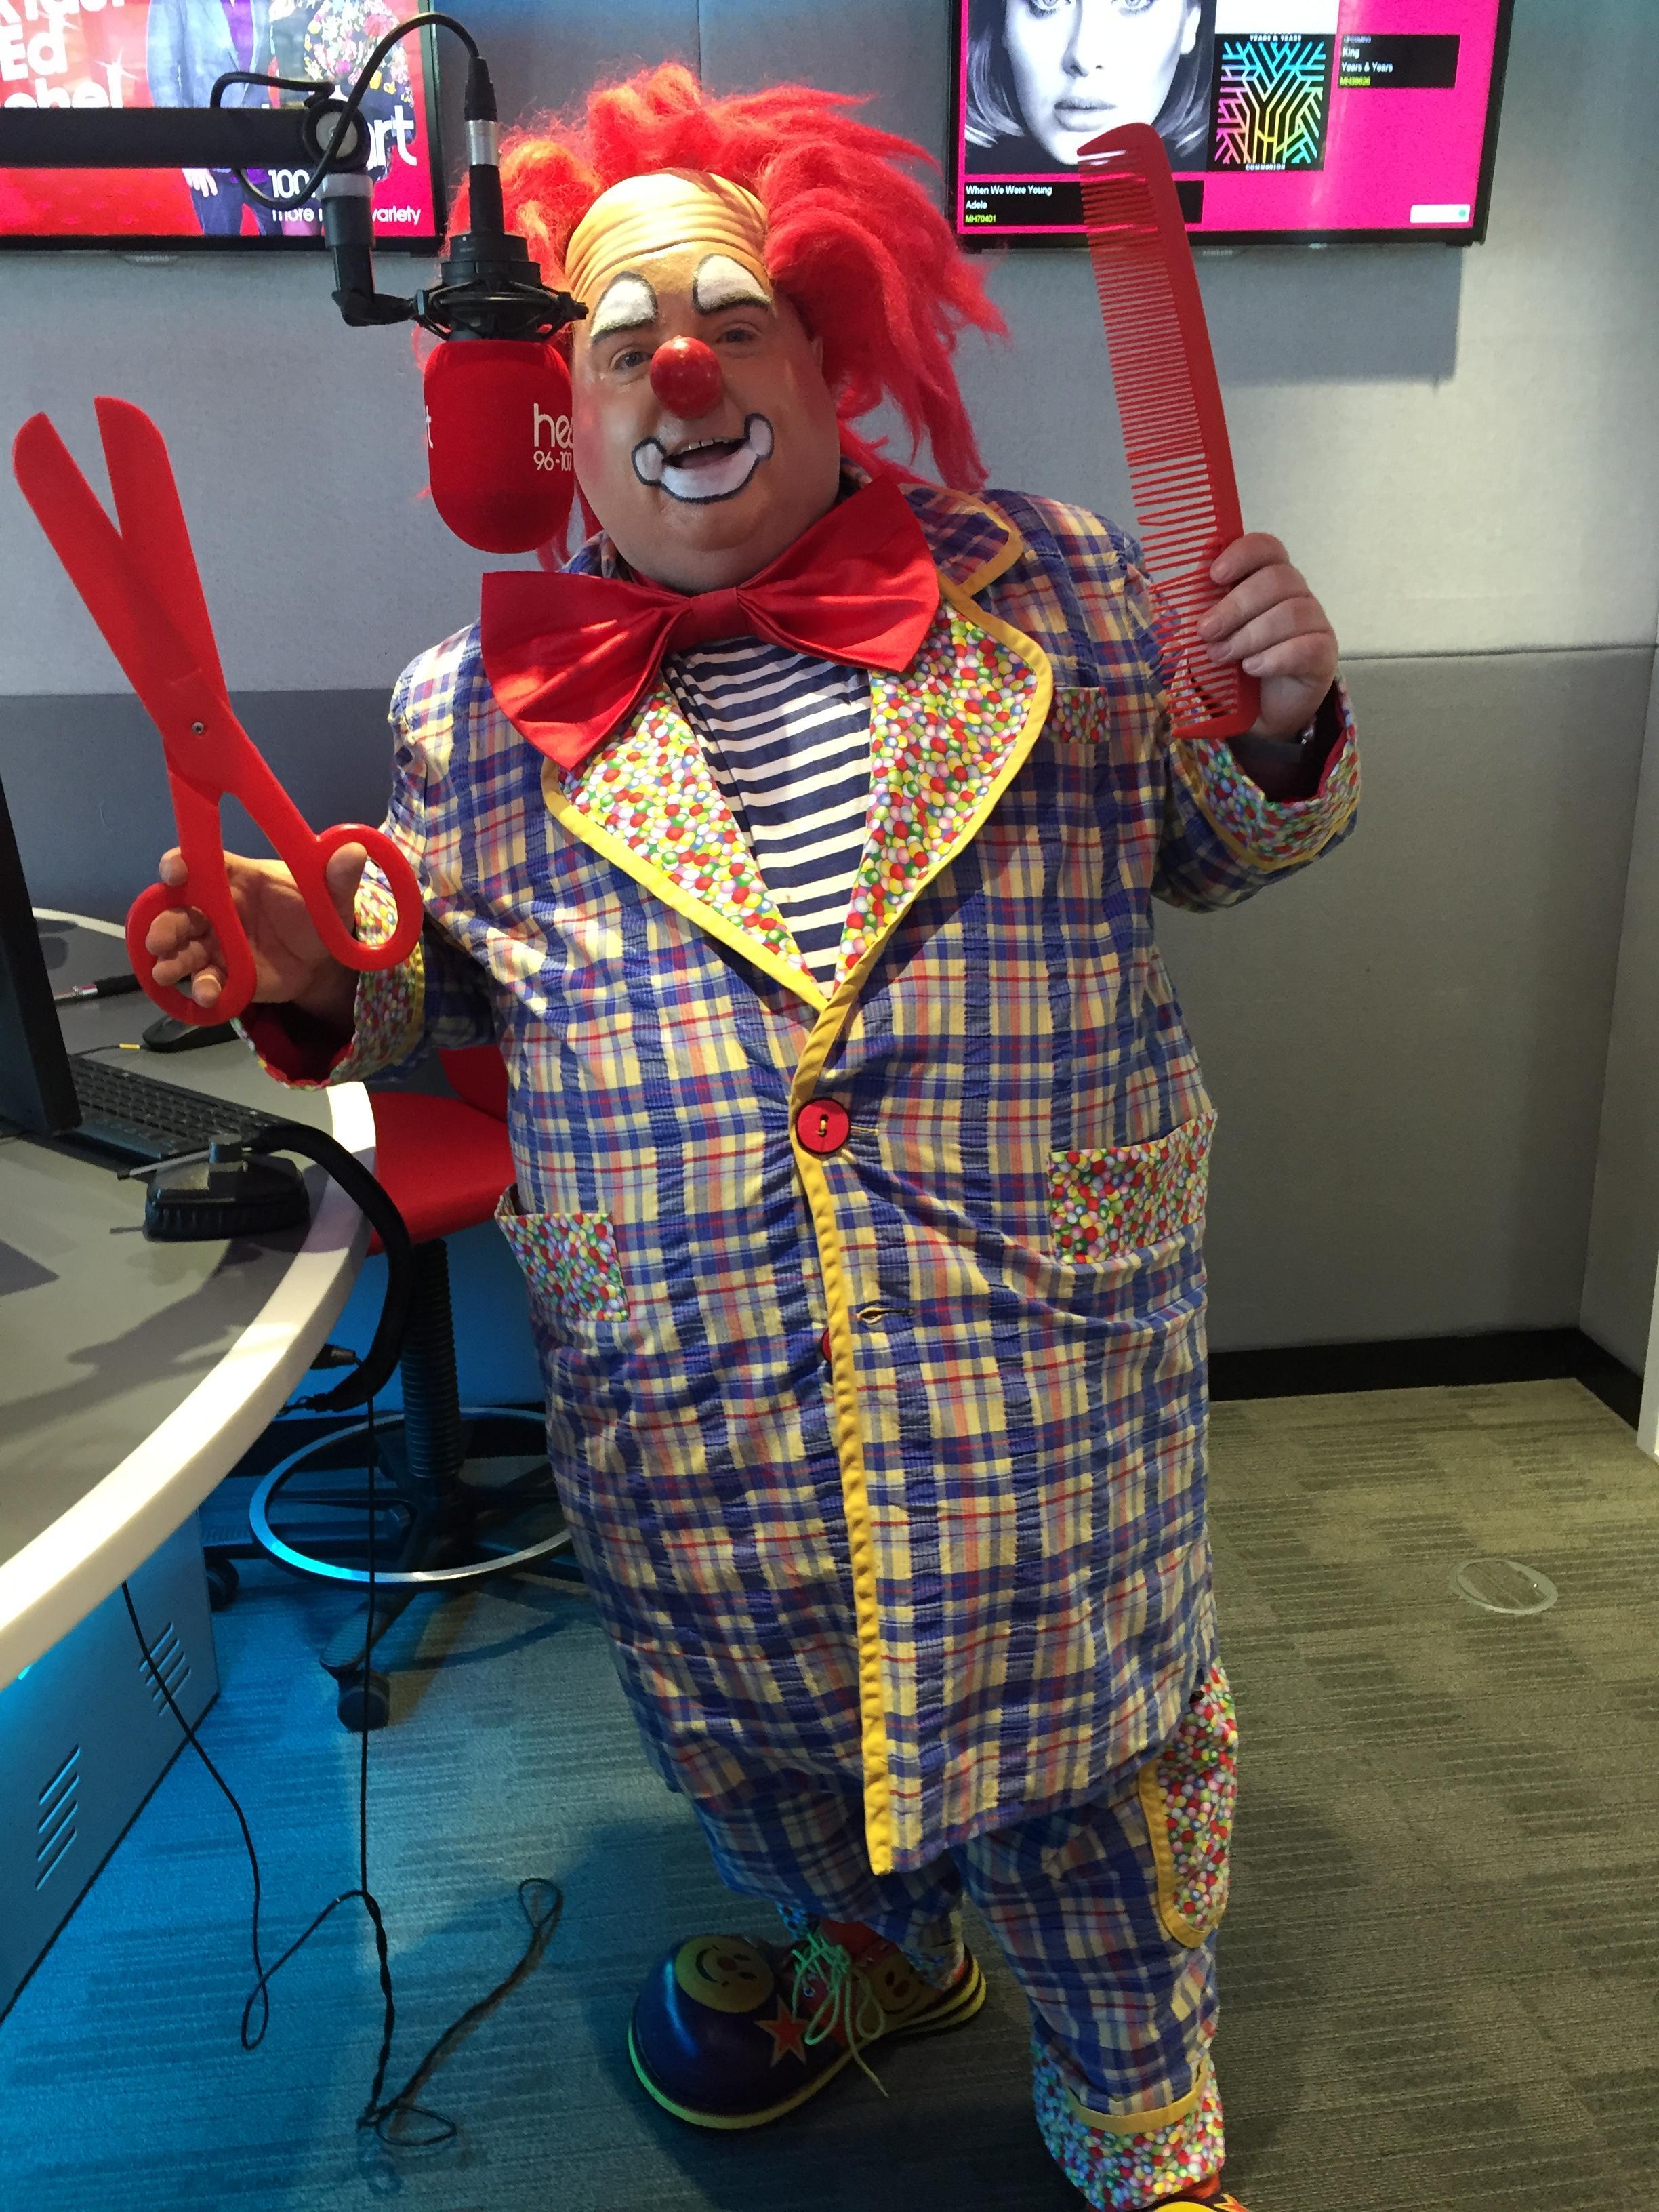 Clown bibbledy